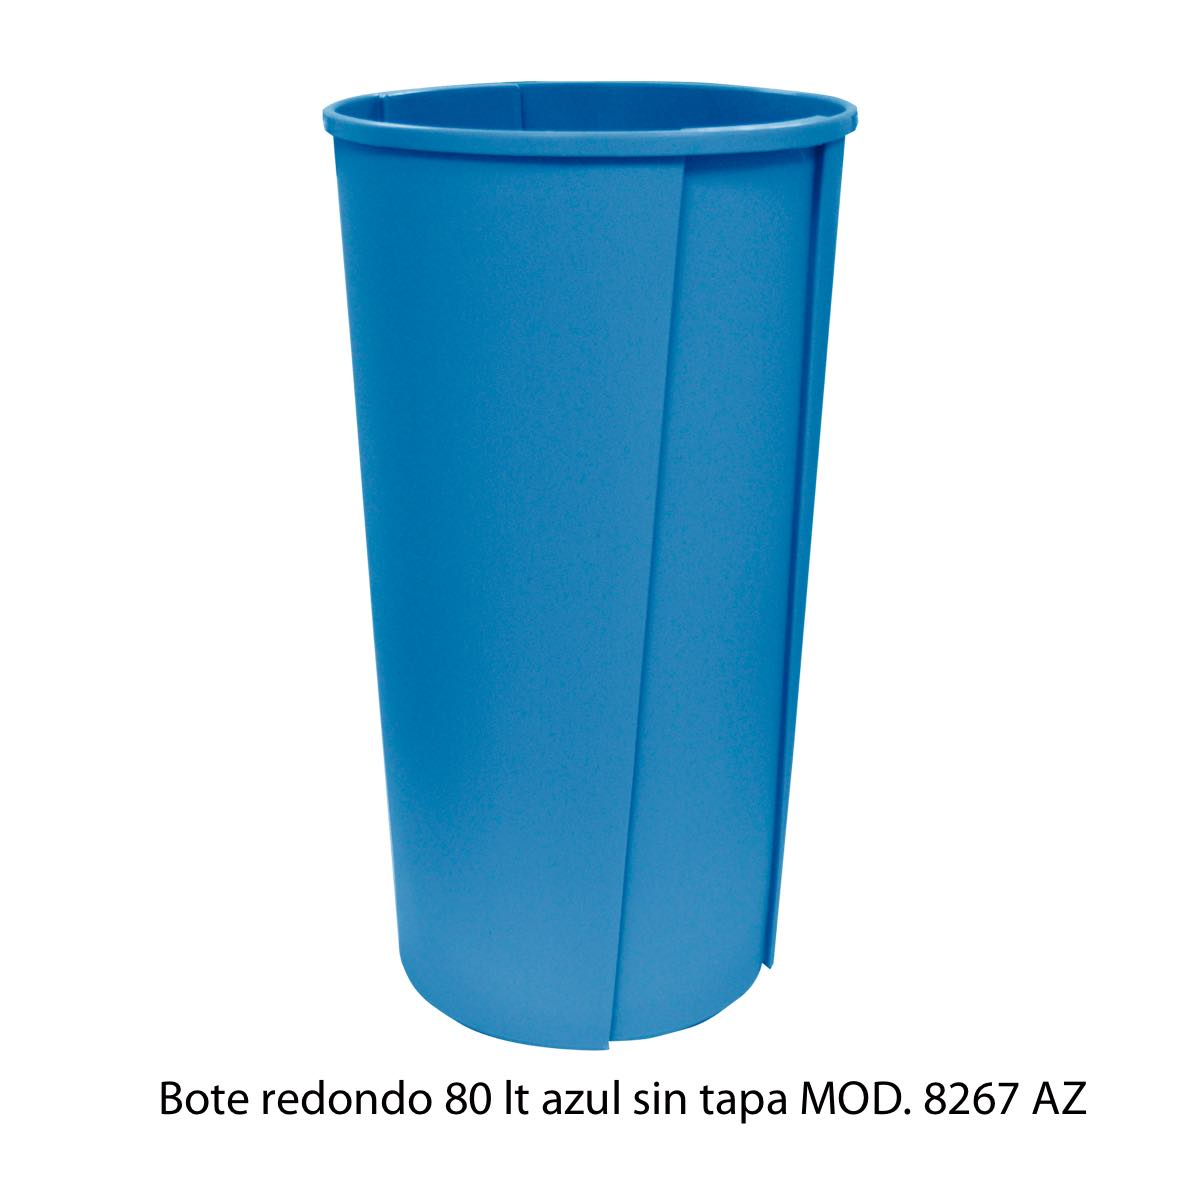 Bote de basura redondo sin tapa de 80 litros azul modelo 8267 AZ Sablón